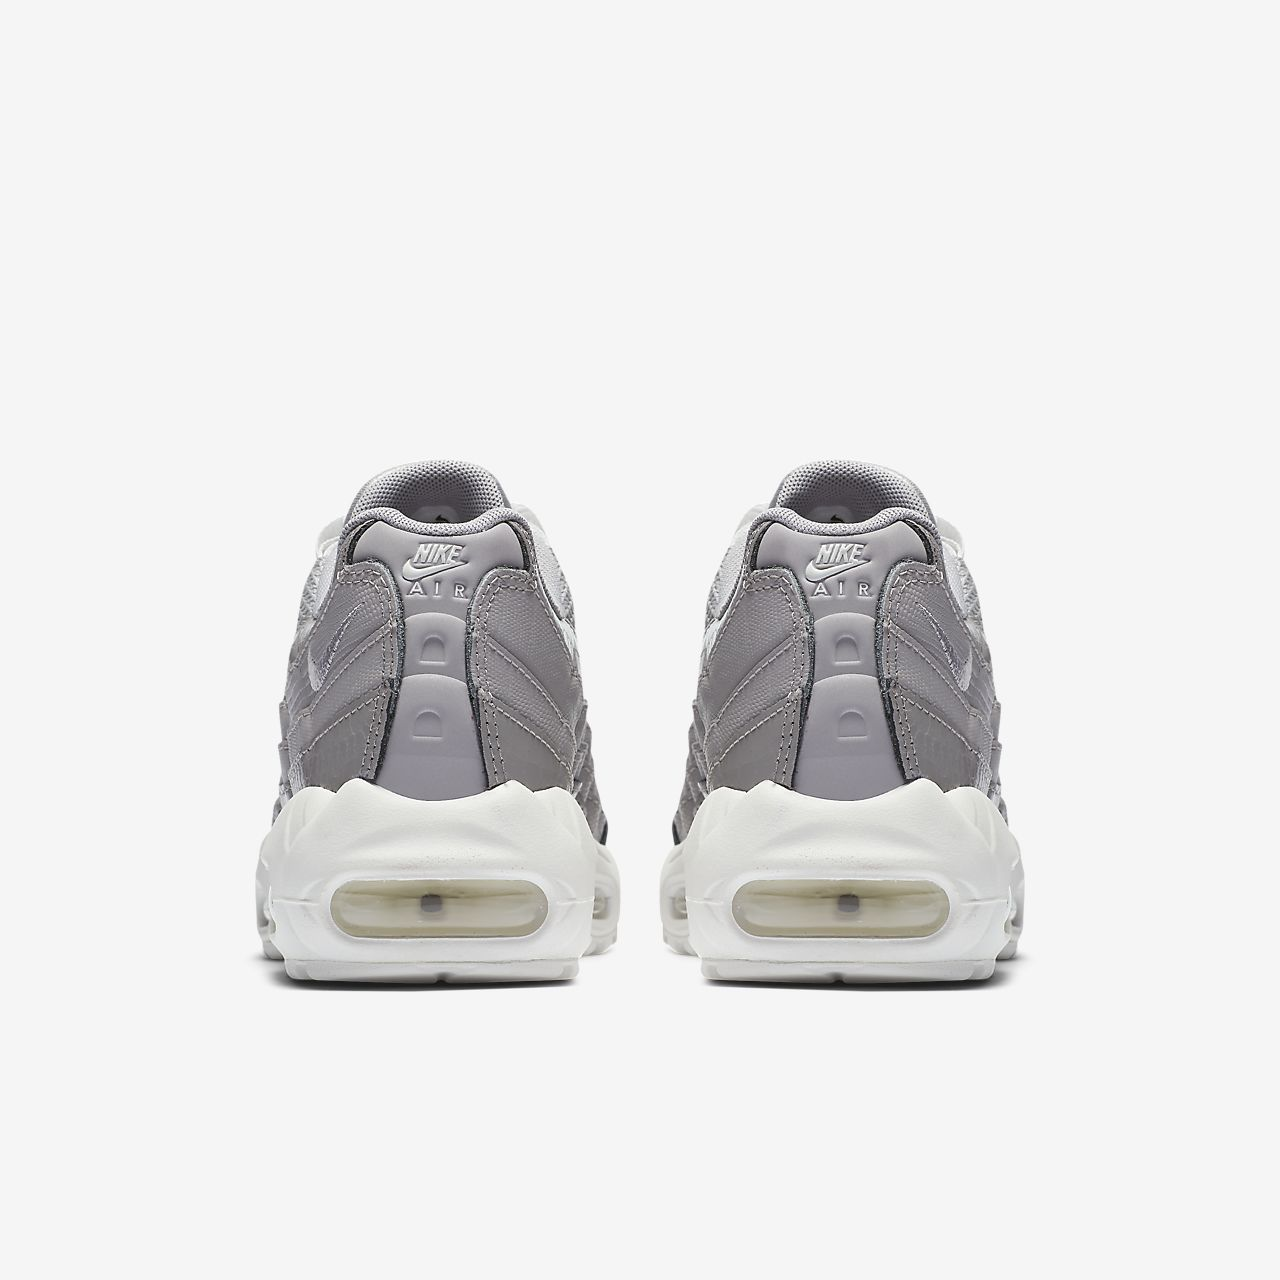 Nike Air Max 95 Premium Damenschuh      | Shopping Online  07e625